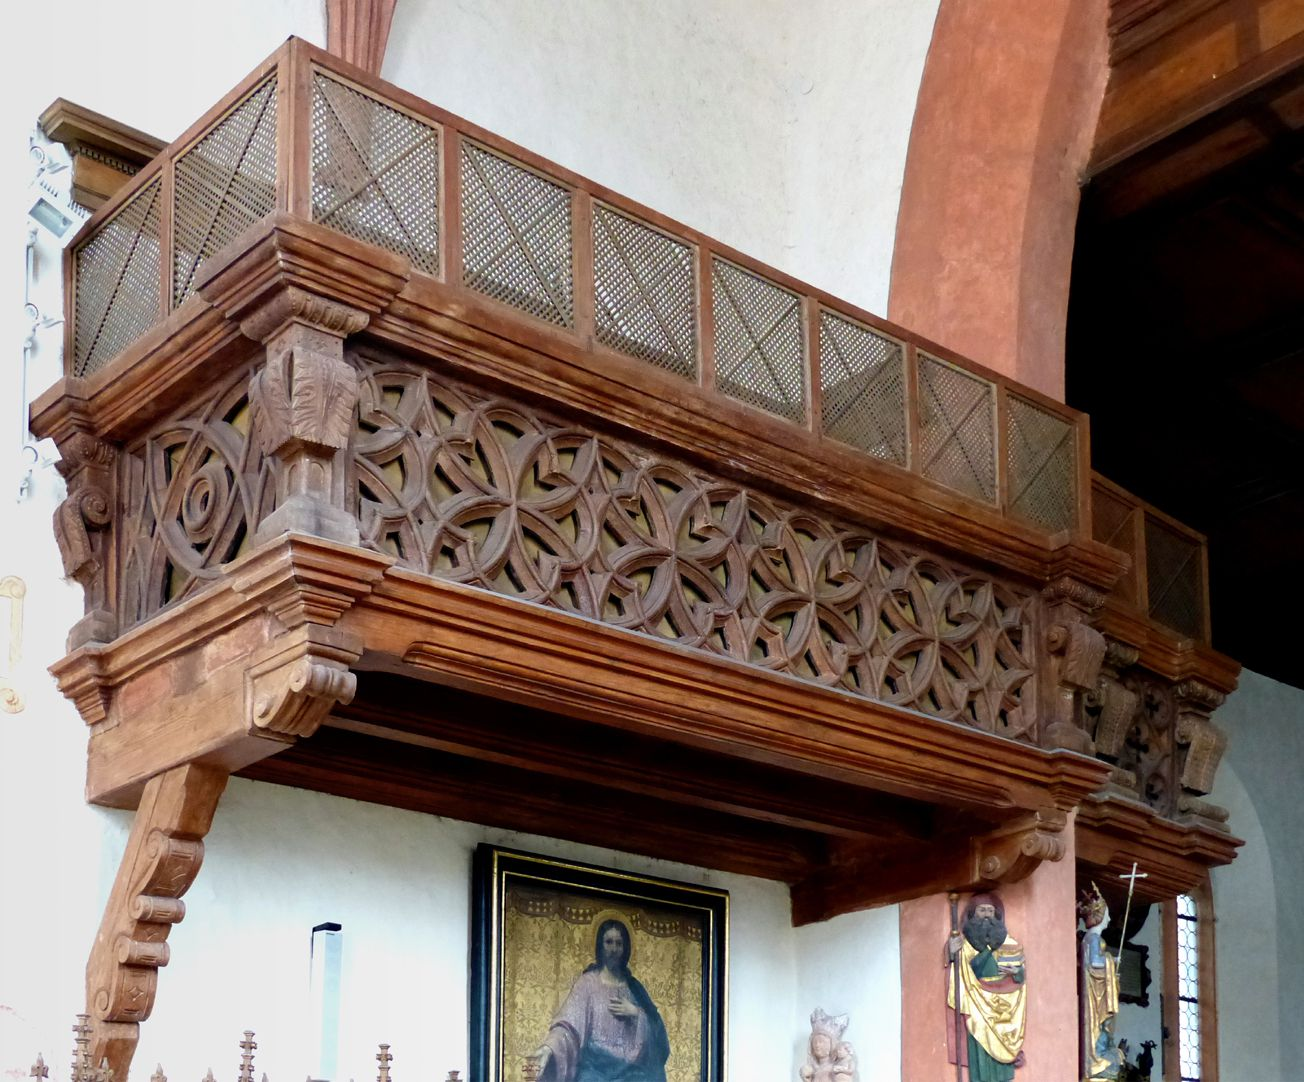 Holzemporen in der Kirche St. Marien und Christophorus, Kalbensteinberg Herrschaftsloge, Chornordwand/Triumphbogen